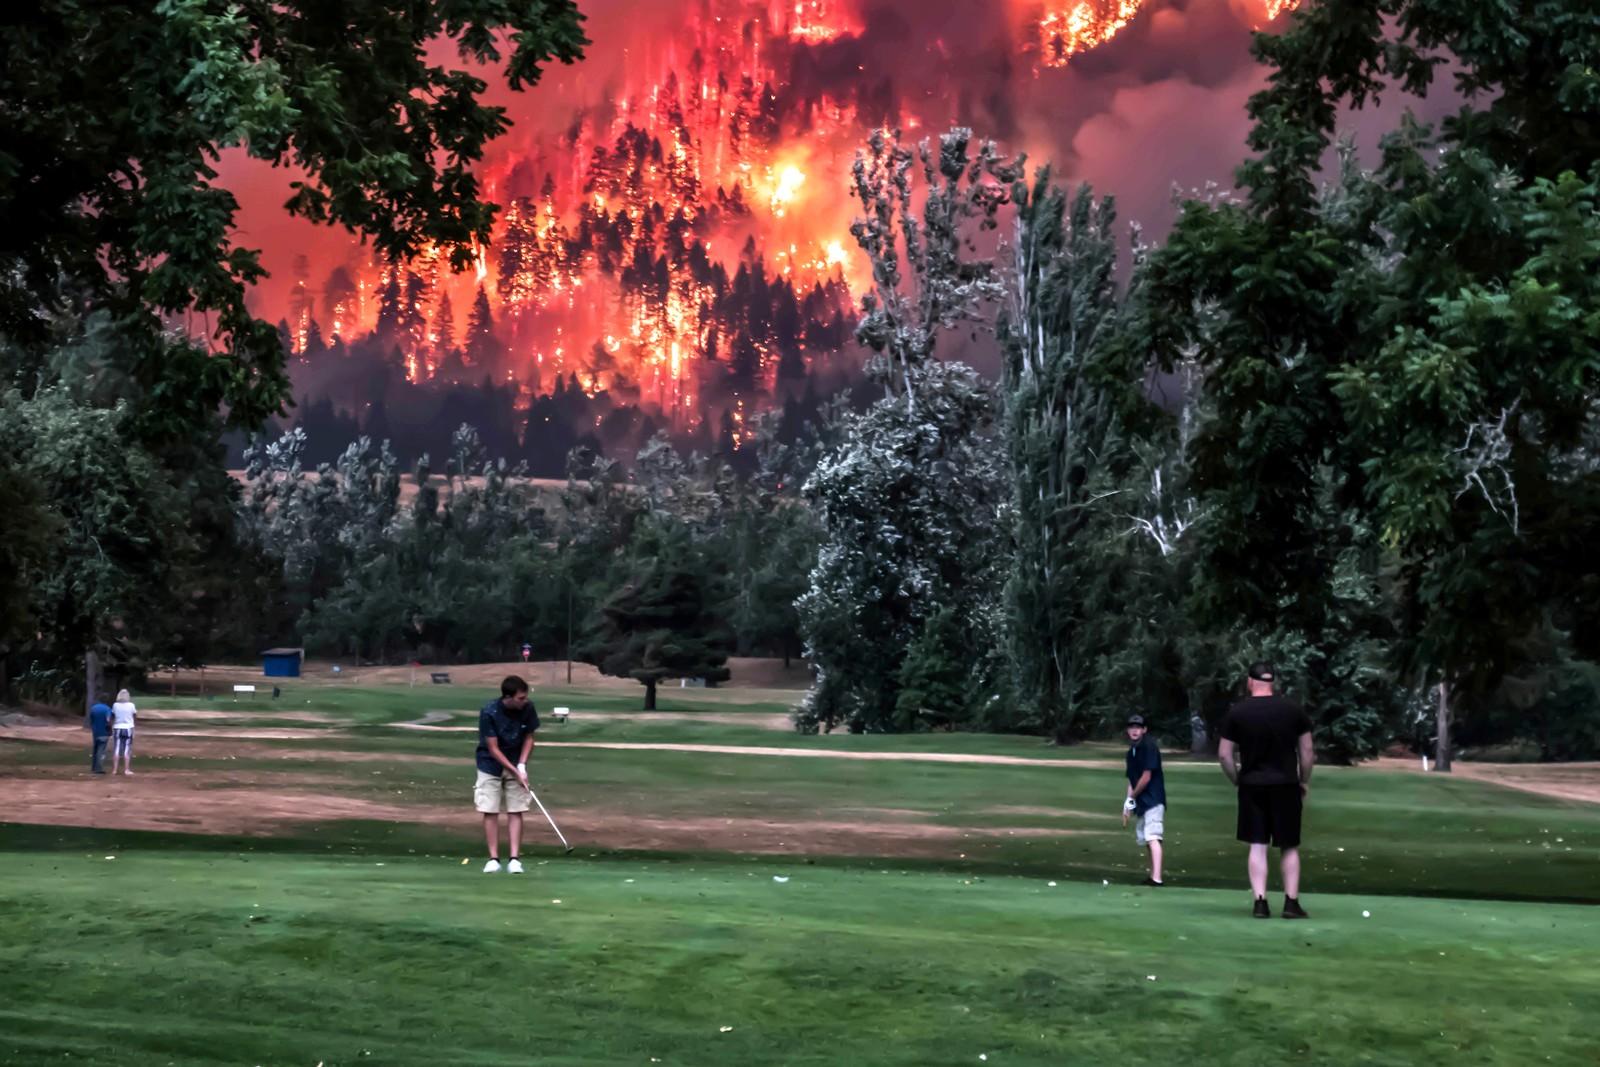 Det er ikke et handicap å være god til å konsentrere seg under slike omstendigheter. Golfbanen ligger i North Bonneville i Washington i USA.